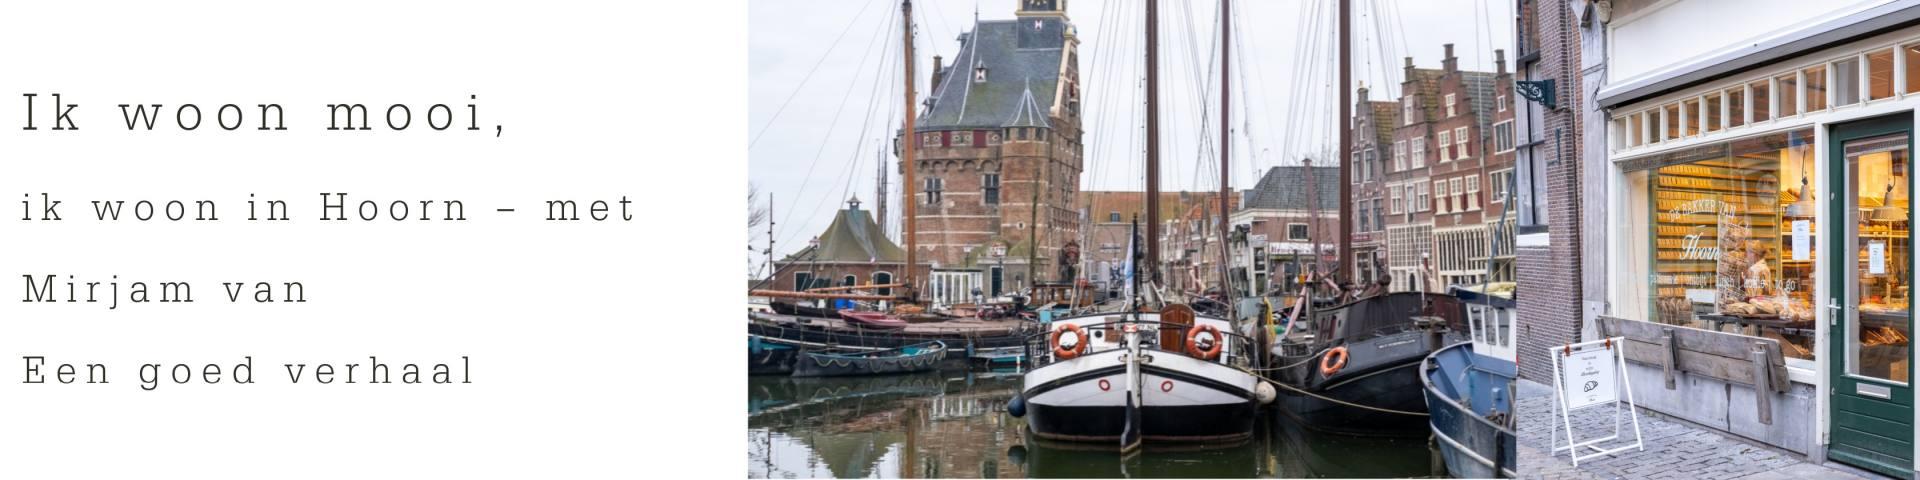 Ik woon mooi, ik woon in Hoorn – met Mirjam deel 13